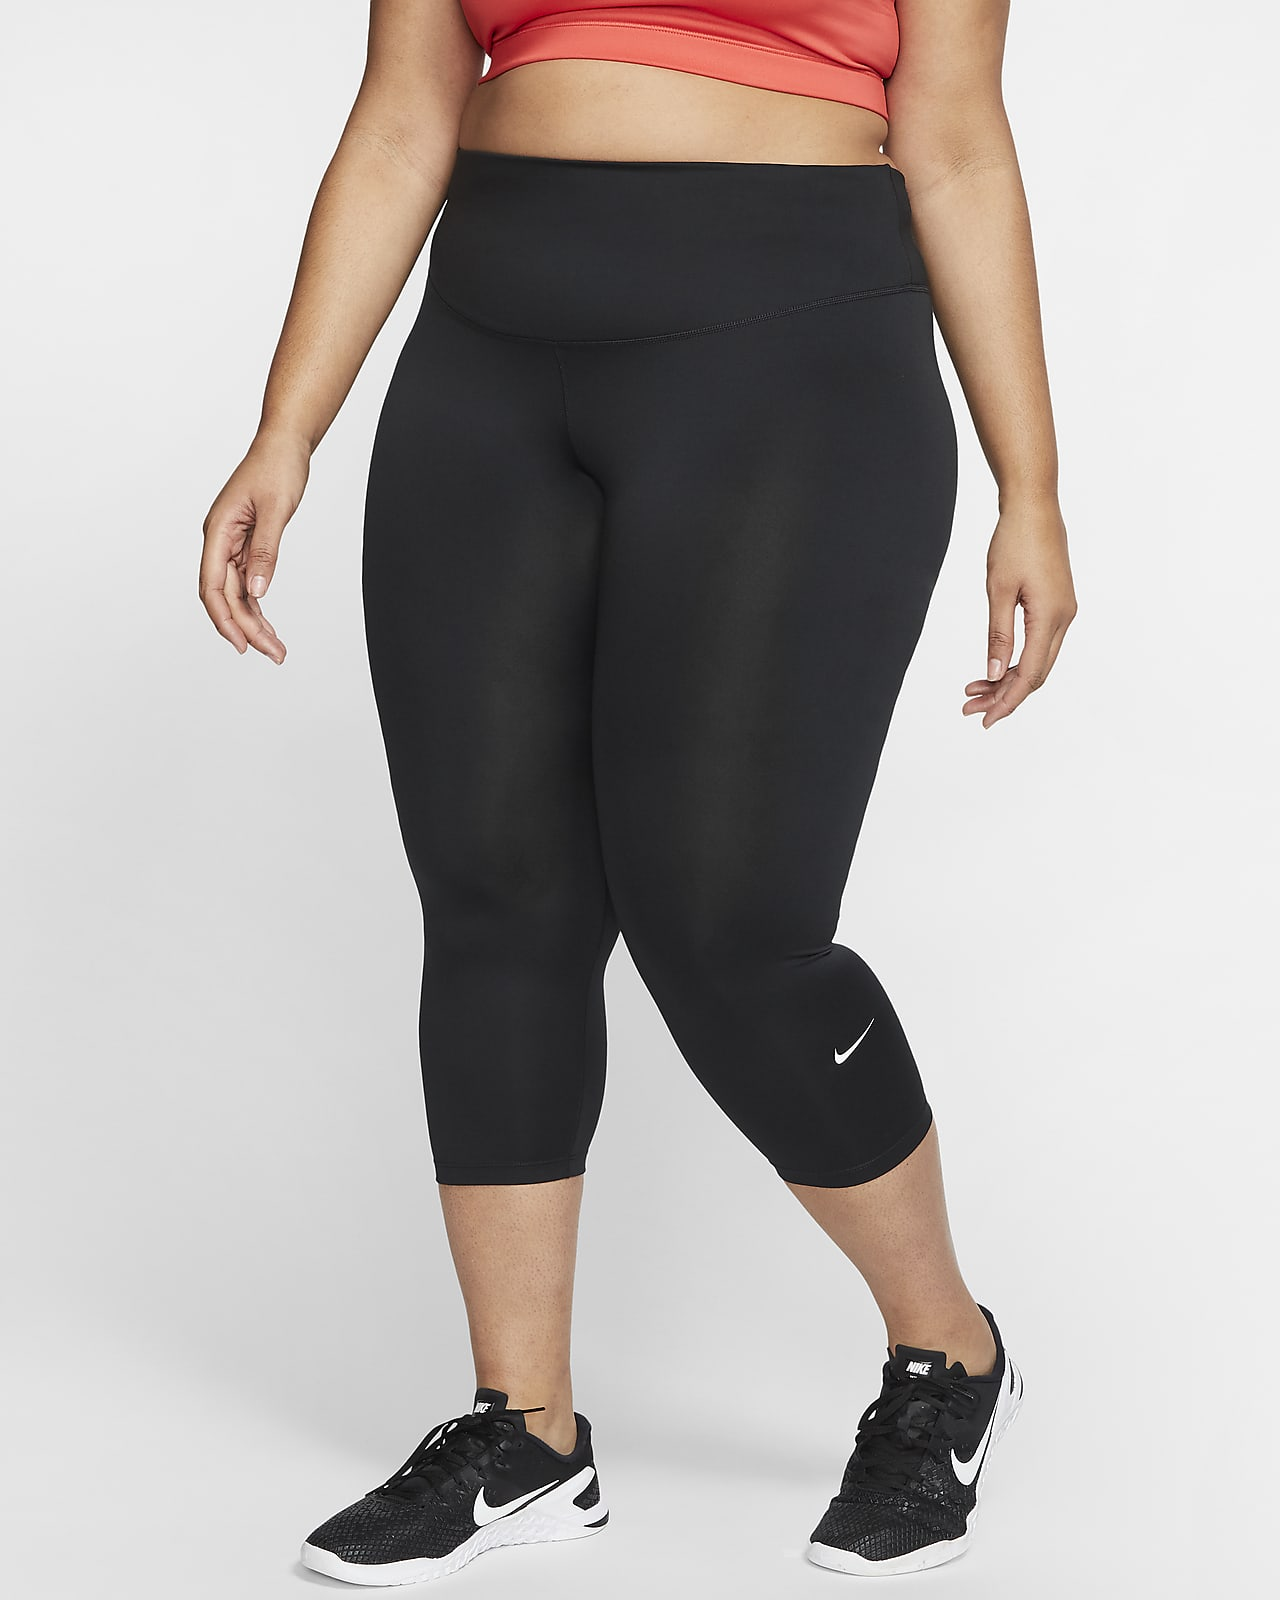 Nike One Crop-Leggings mit mittelhohem Bund für Damen (große Größe)